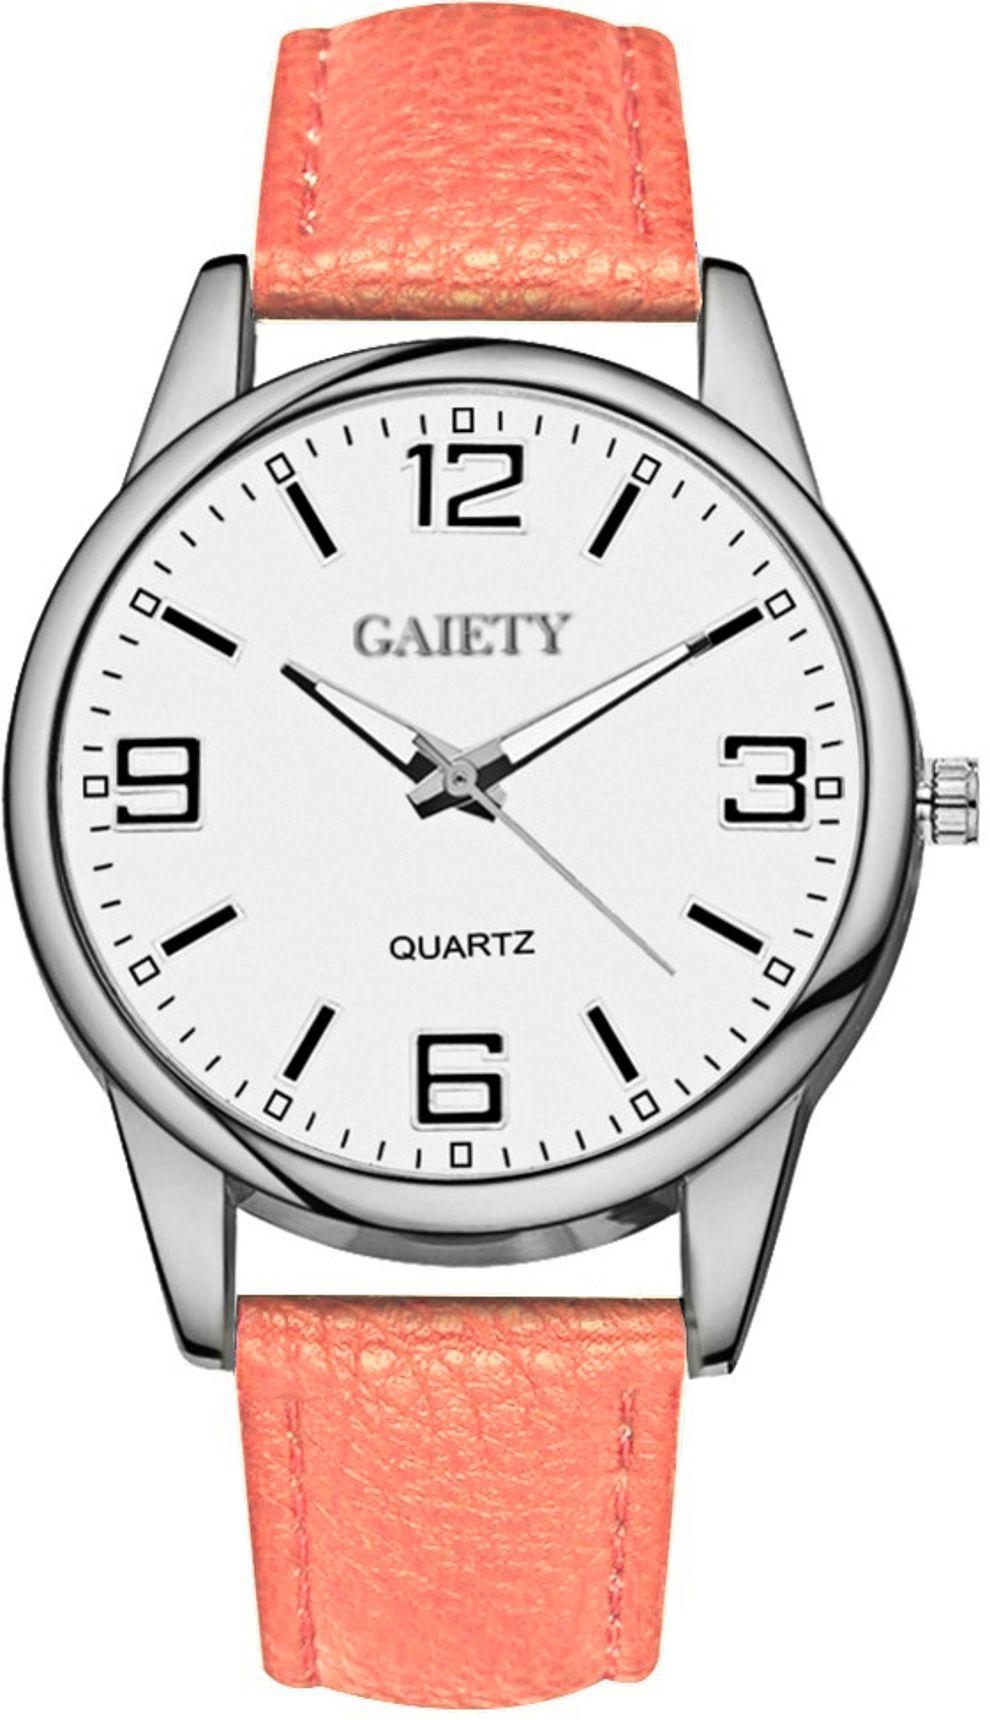 Dámské módní hodinky Gaiety